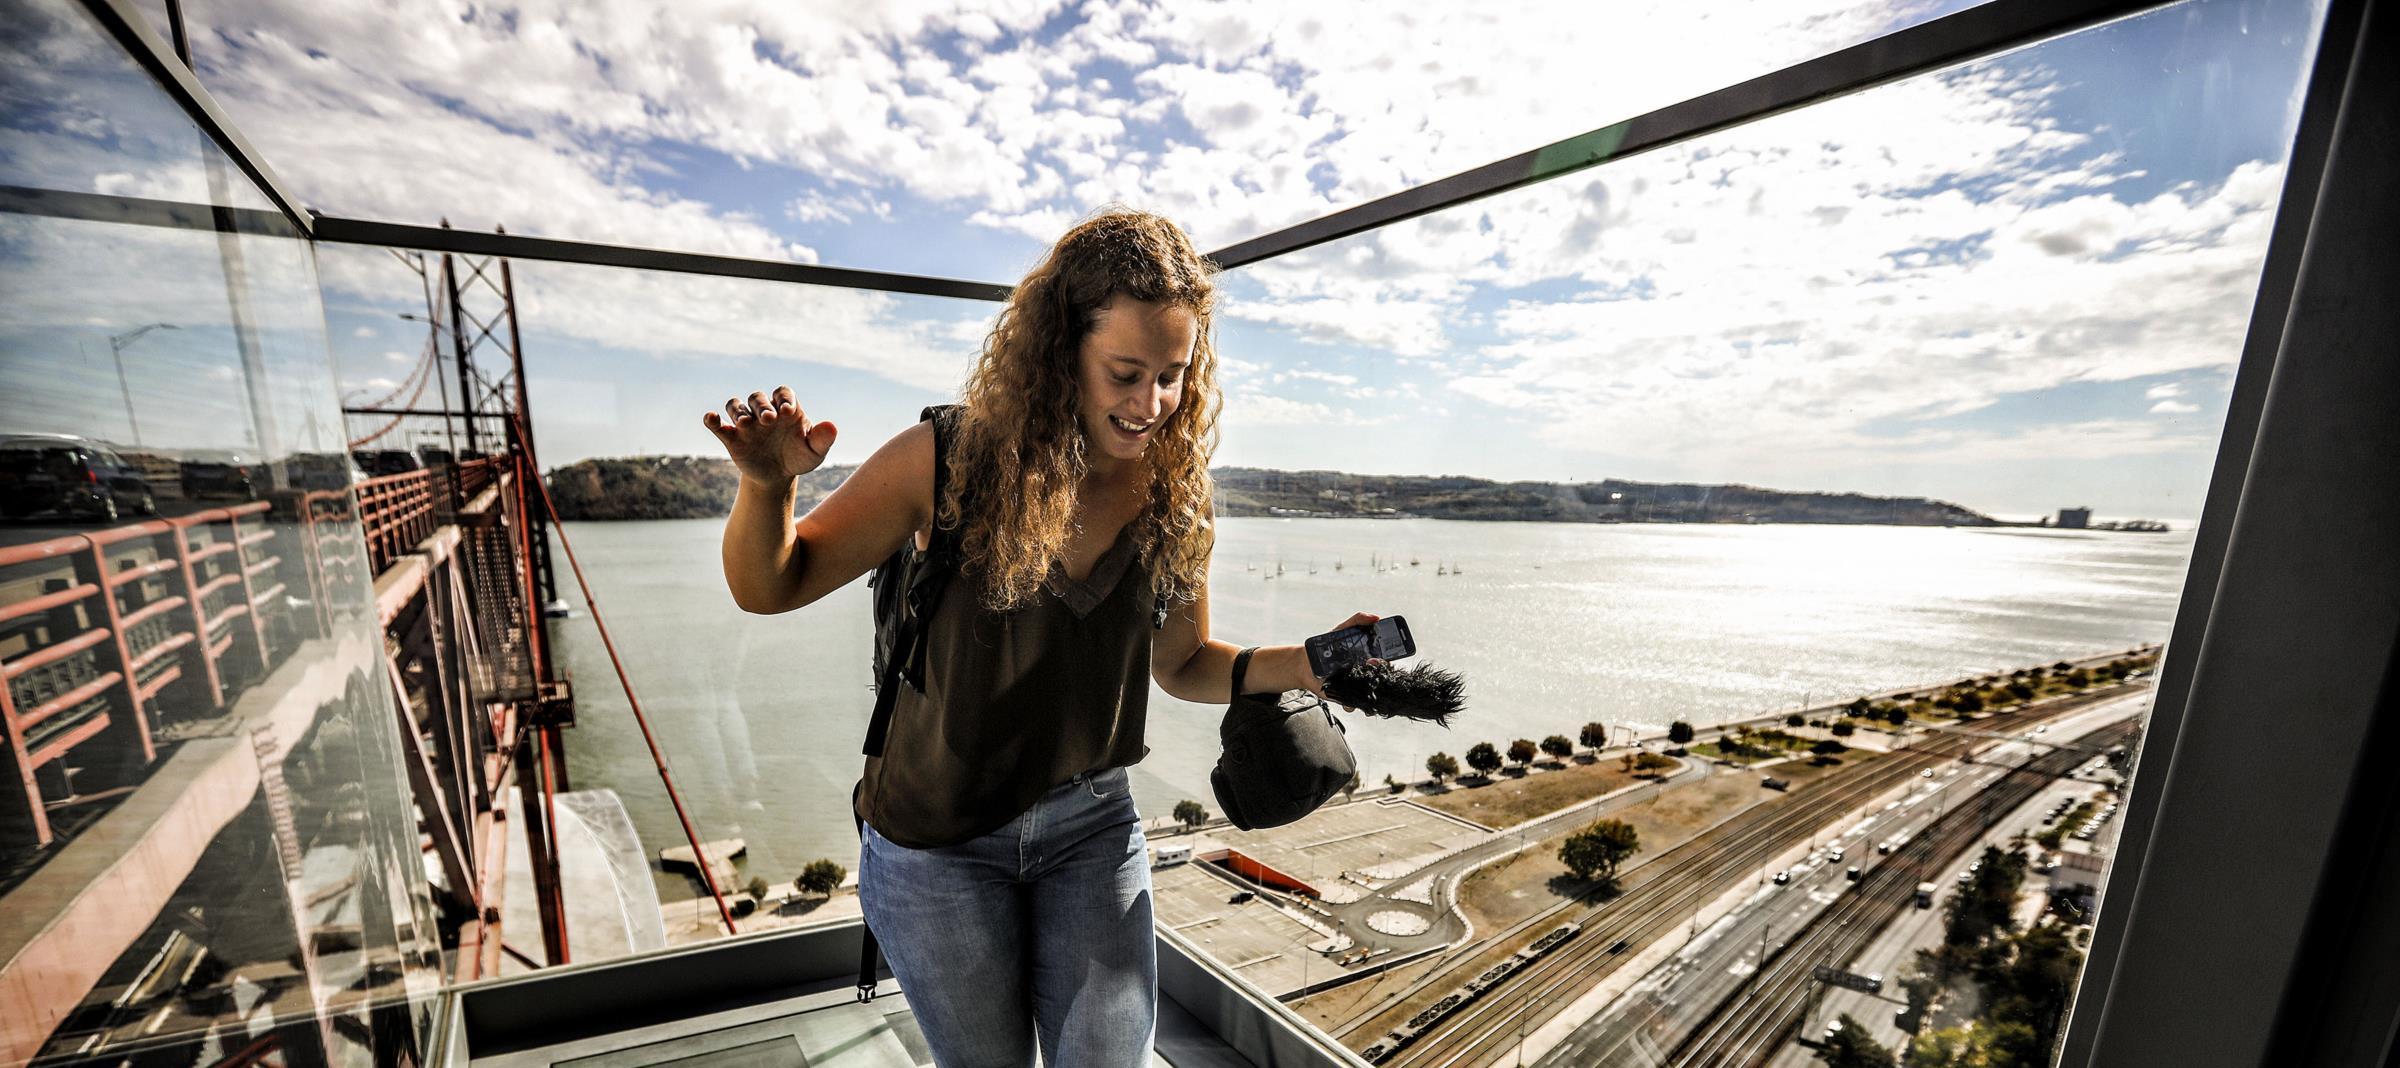 PÚBLICO - Só para quem não tem vertigens: miradouro da Ponte 25 de Abril abre na próxima semana